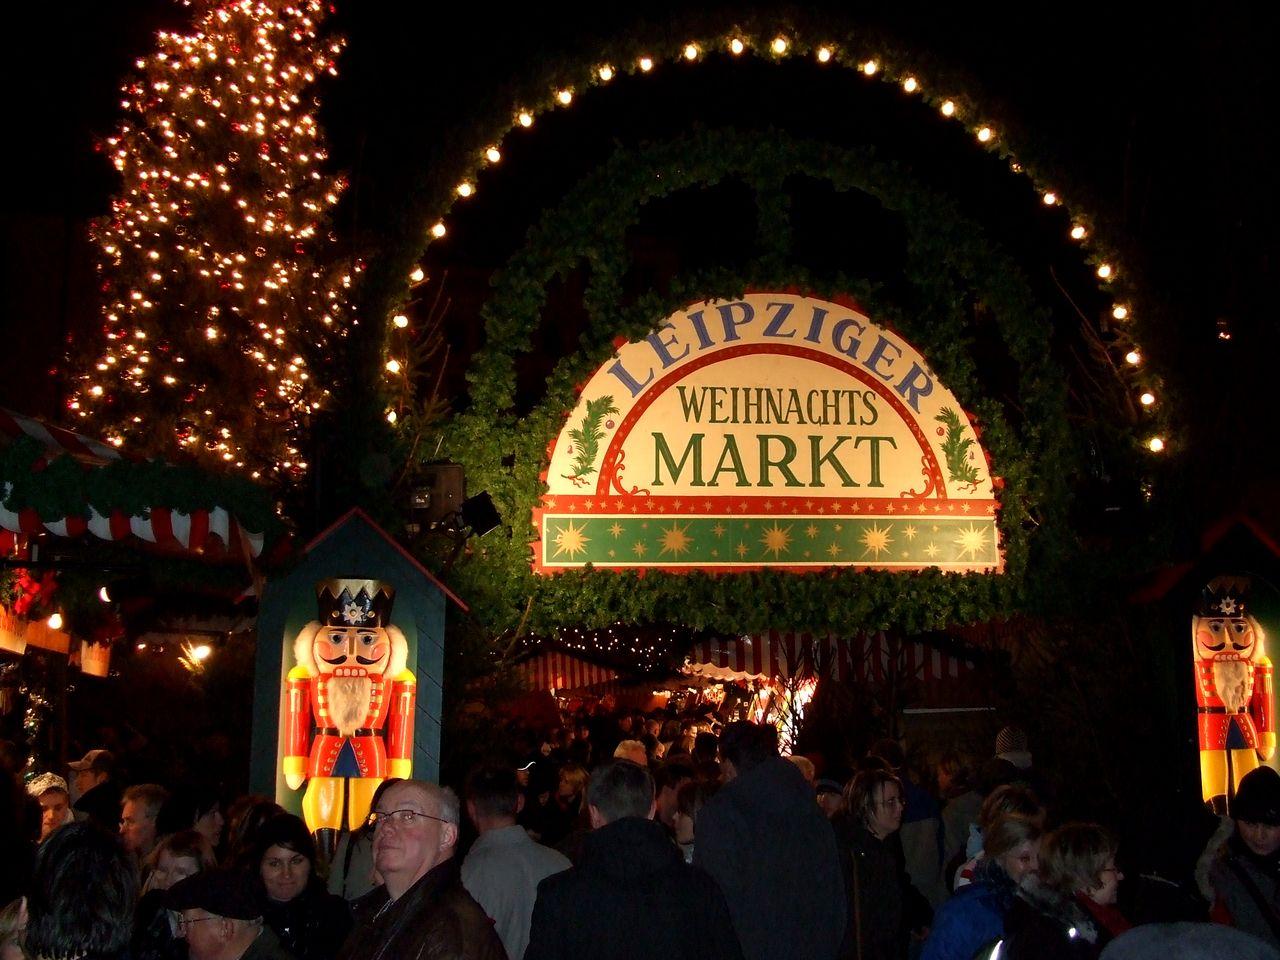 Картинки по запросу Лейпцигской Рождественской ярмарки